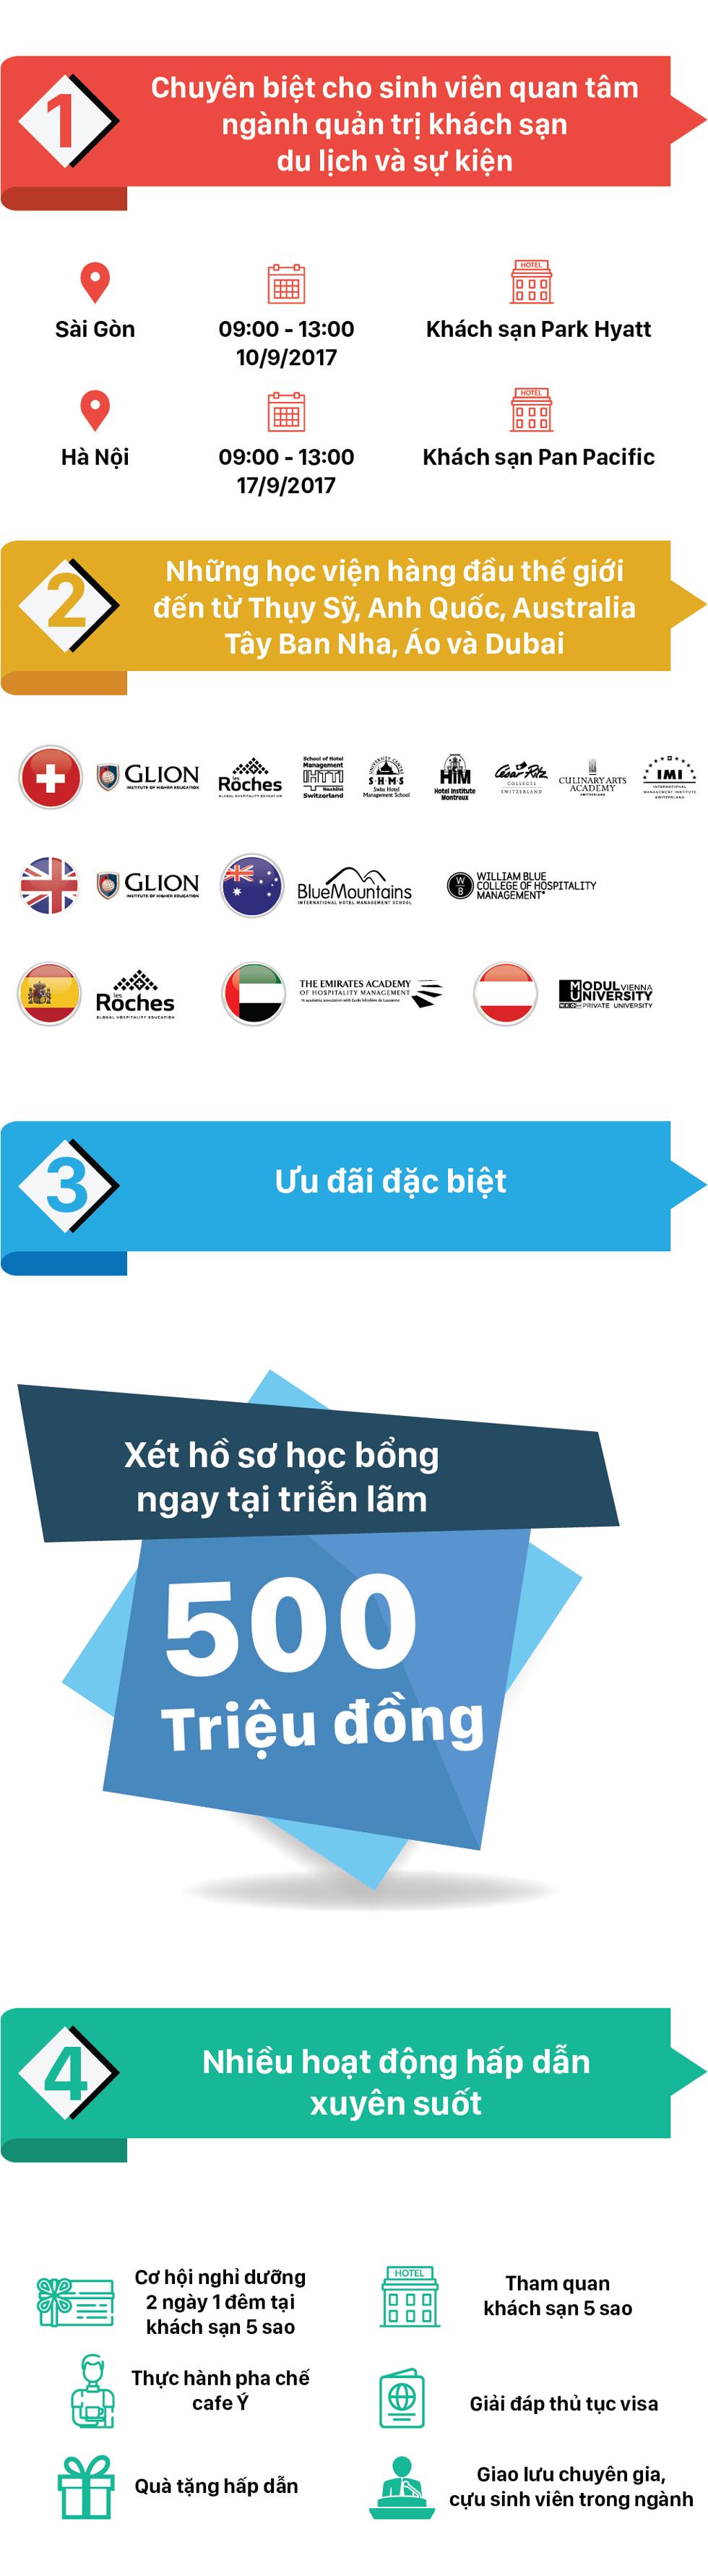 Cơ hội xét hồ sơ học bổng đến 500 triệu đồng tại triển lãm du học